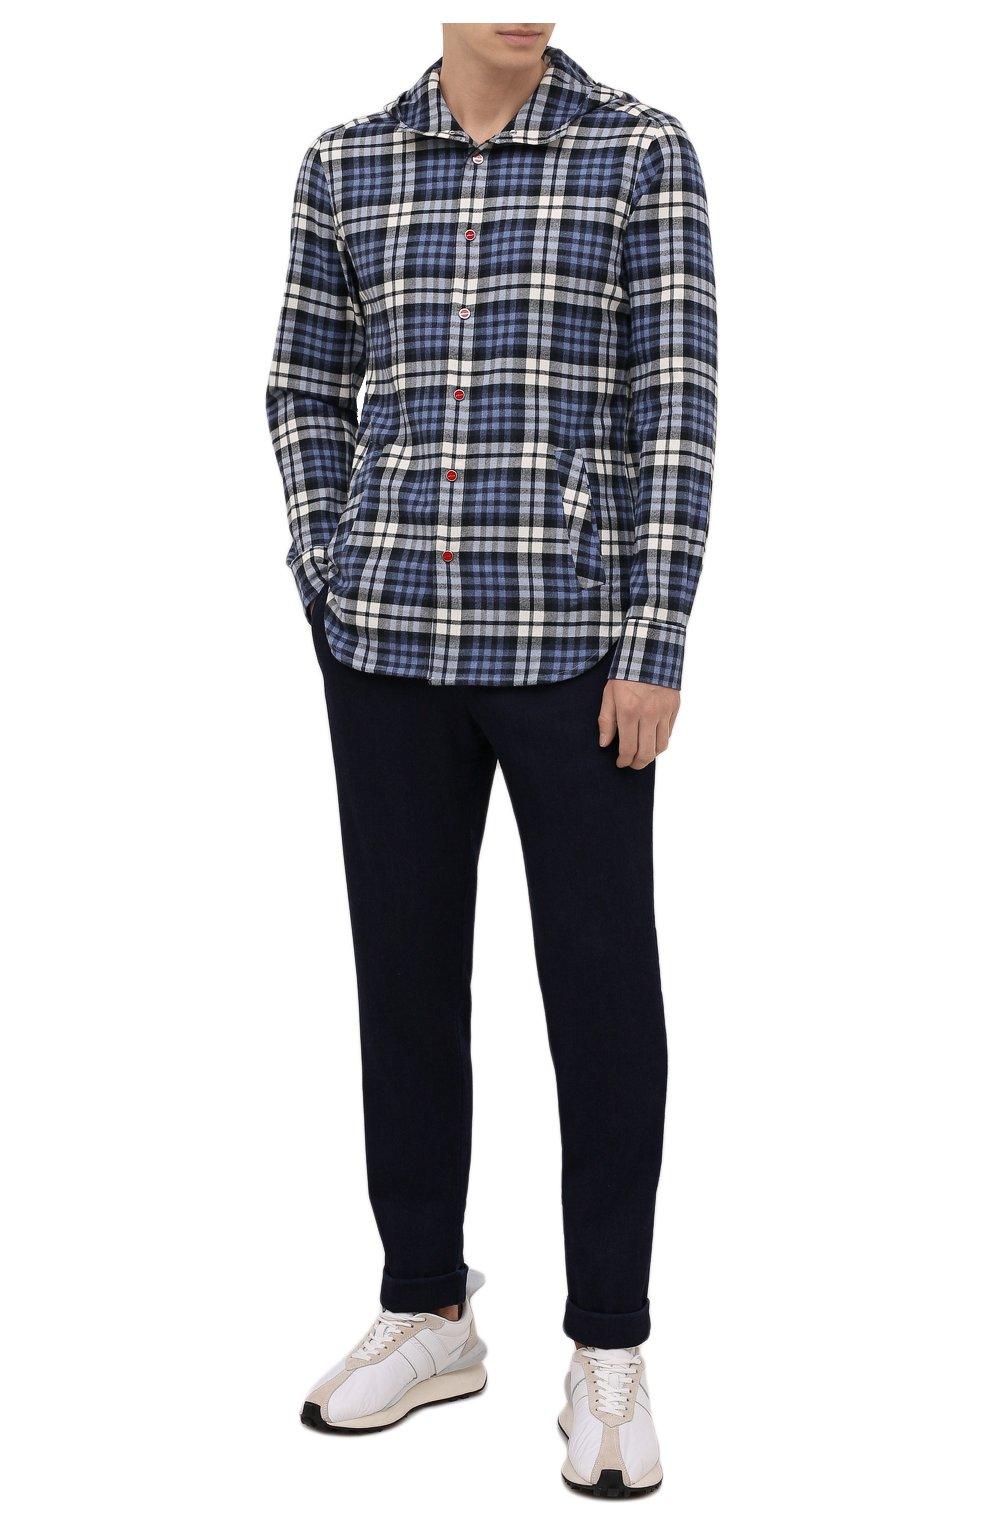 Мужская хлопковая рубашка KITON синего цвета, арт. UMCMARH0786907   Фото 2 (Принт: Клетка; Воротник: С капюшоном; Рукава: Длинные; Рубашки М: Regular Fit; Манжеты: На кнопках; Случай: Повседневный; Длина (для топов): Стандартные; Материал внешний: Хлопок; Стили: Кэжуэл)